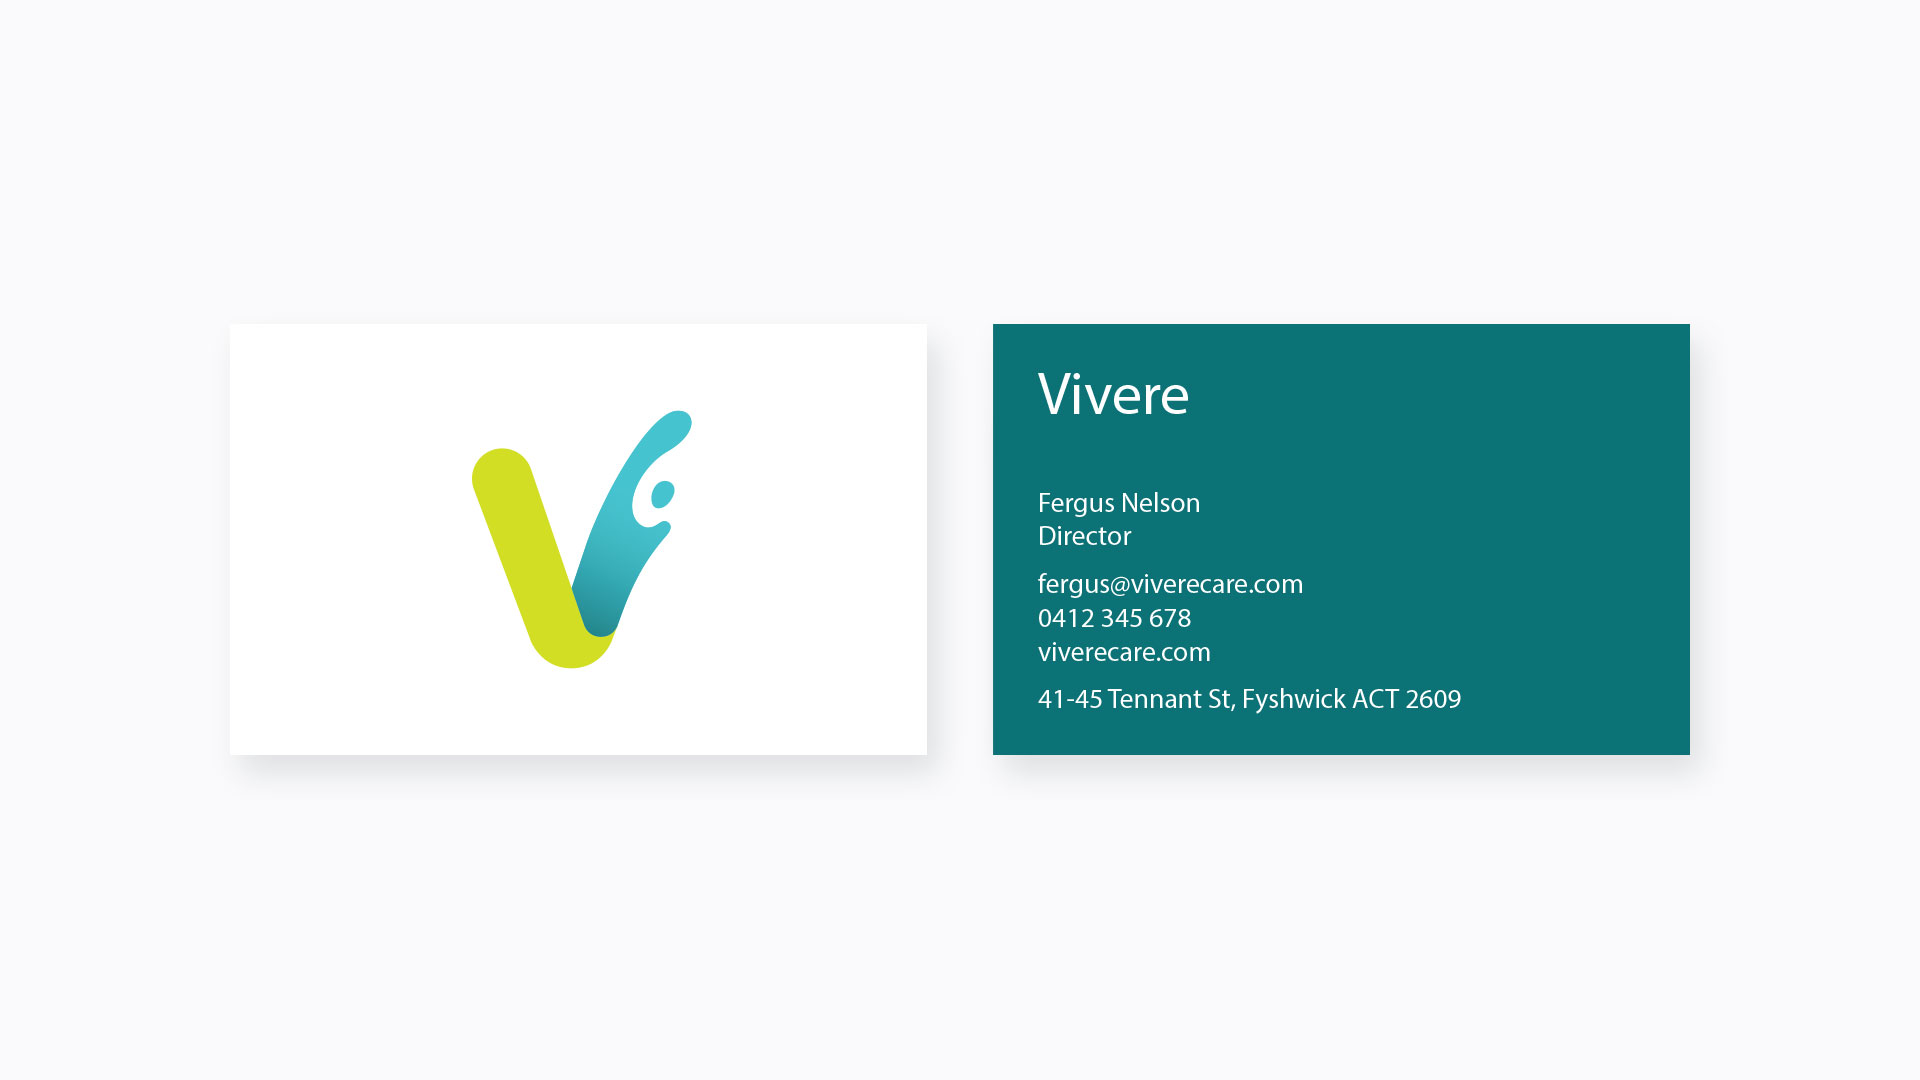 Vivere Business card design in Manly, Sydney